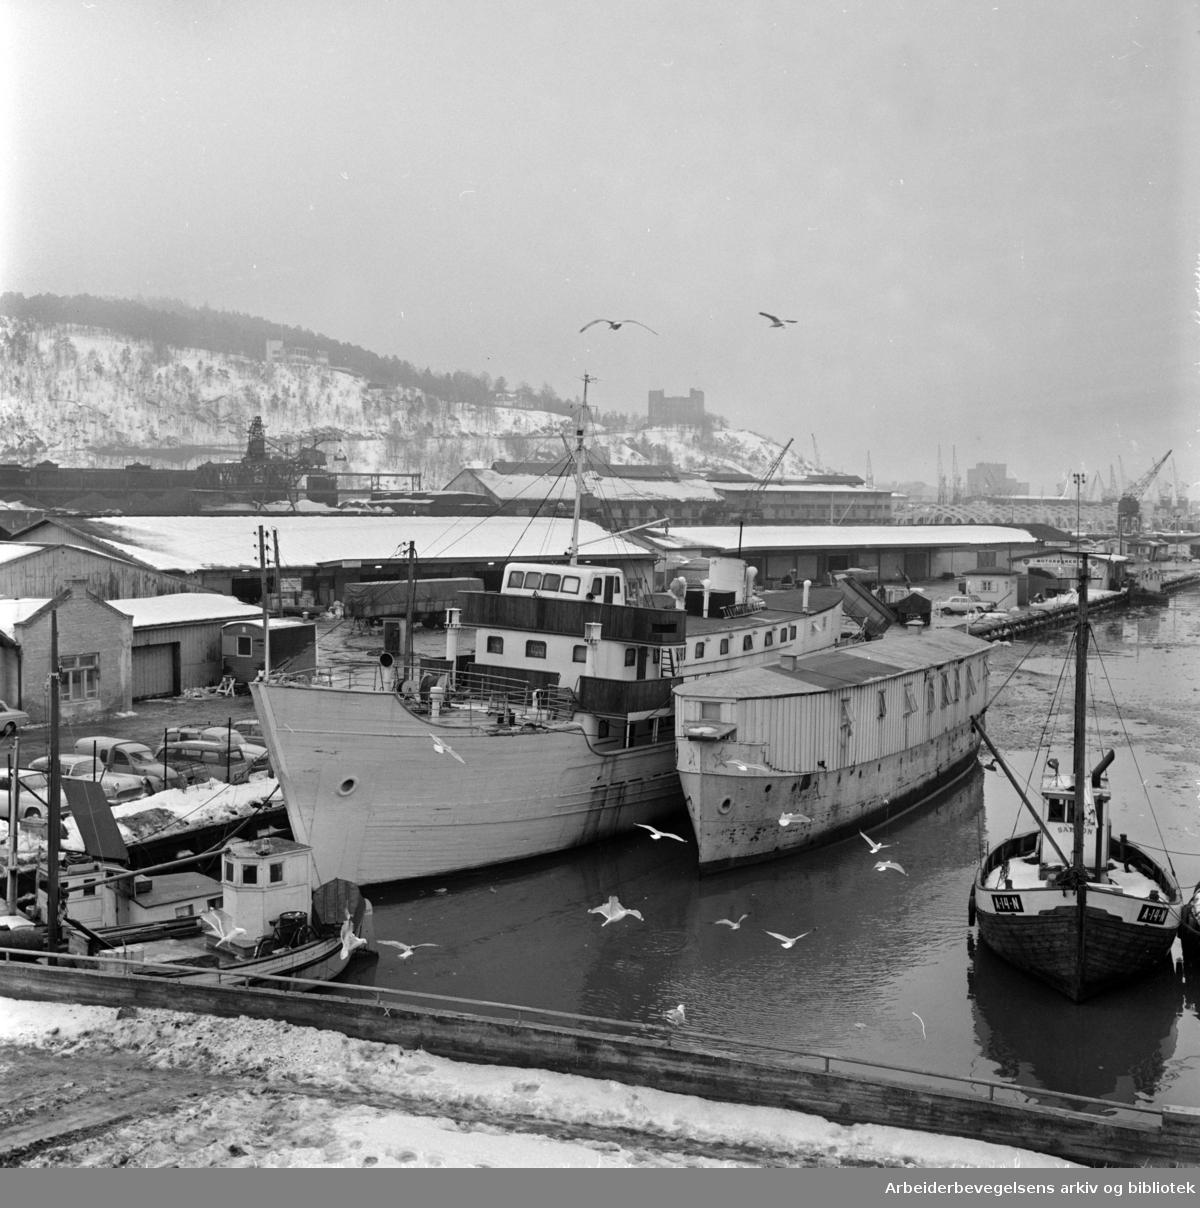 Sørenga ferdig utbygd i 1970. Februar 1967